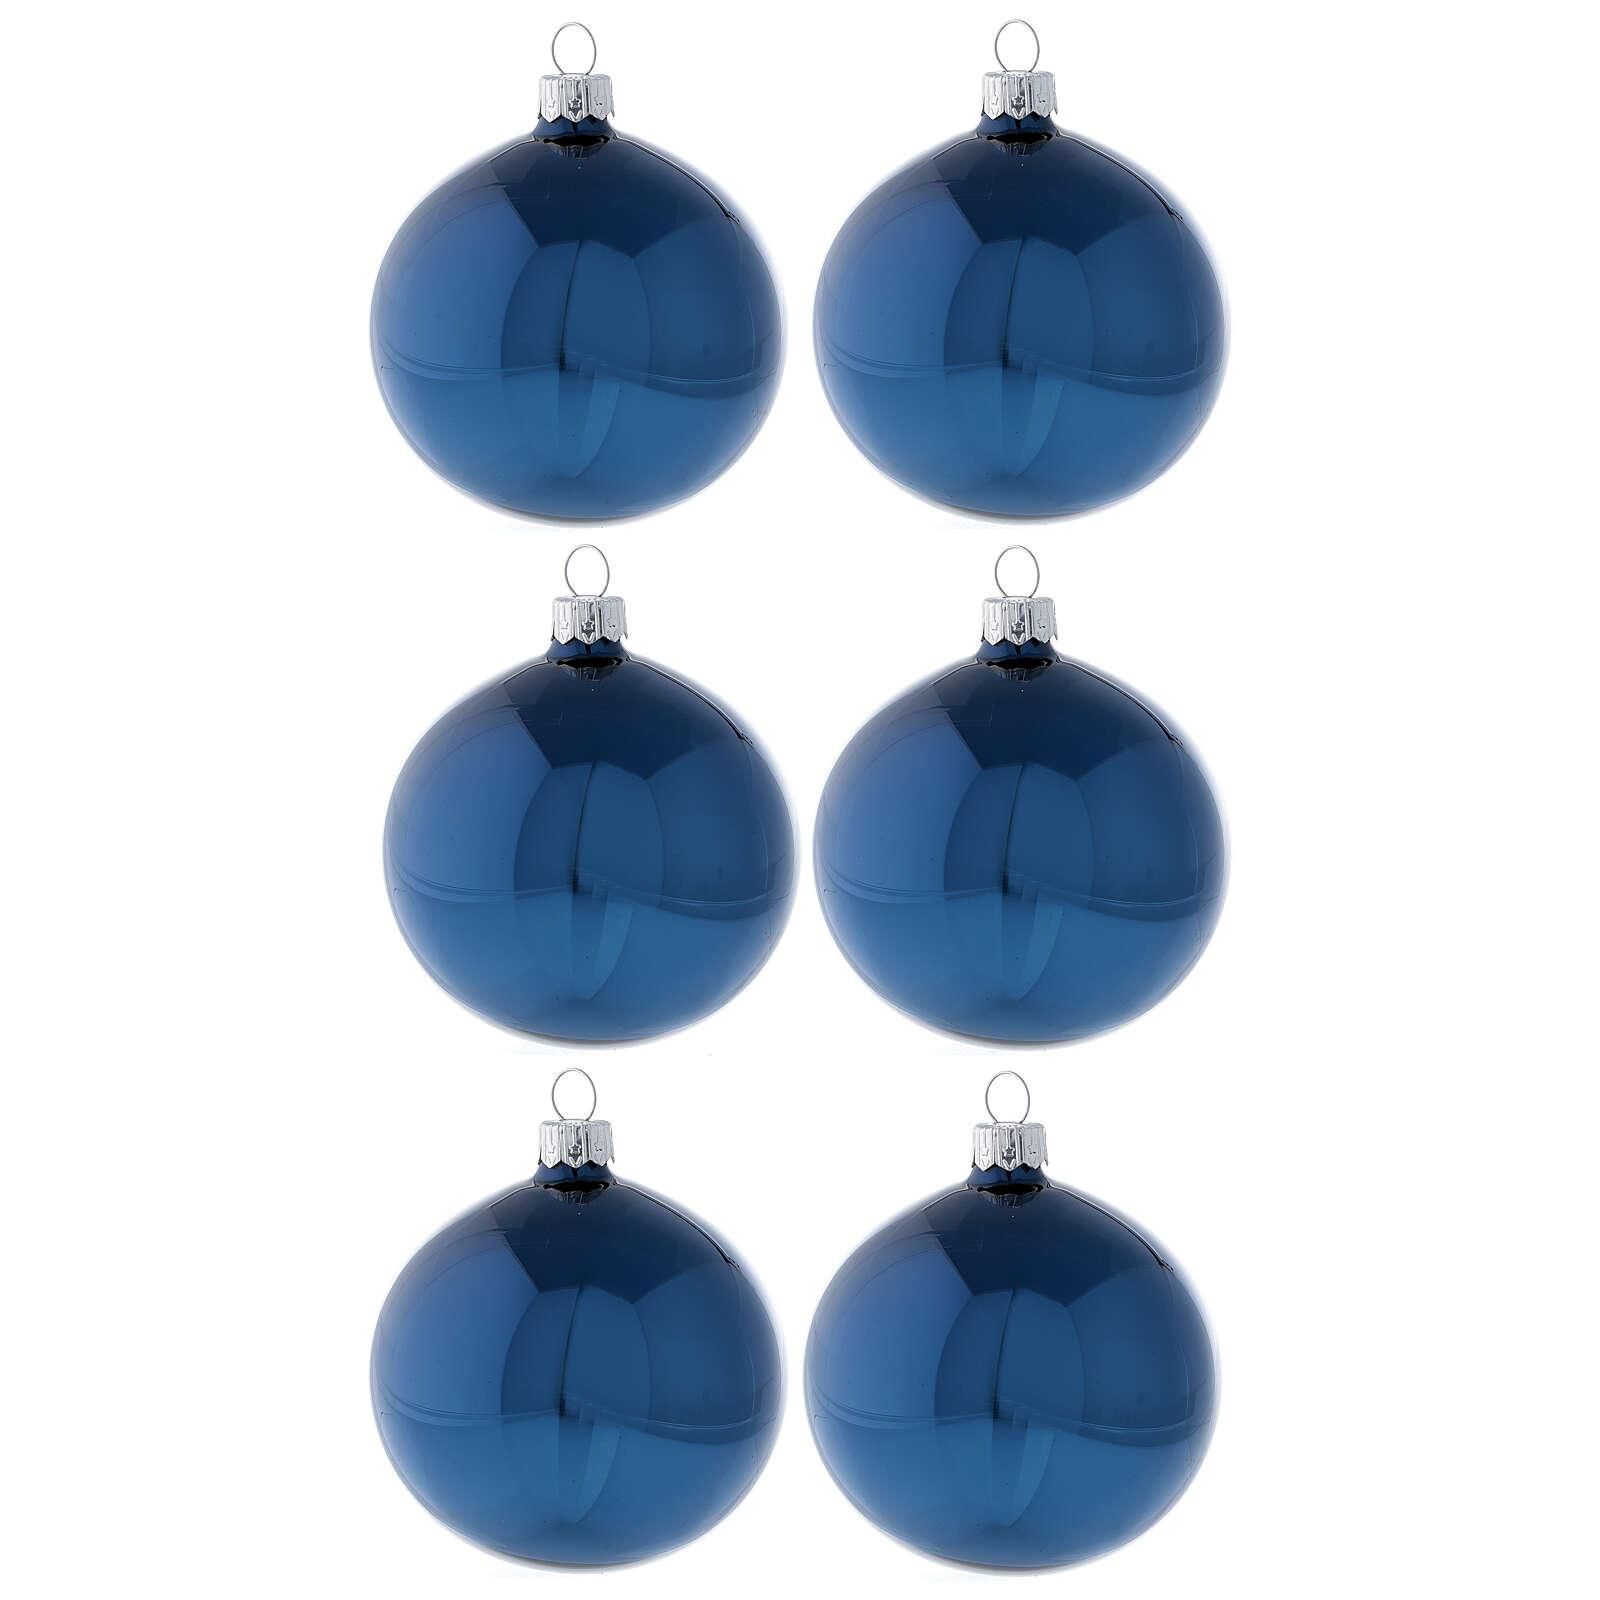 Pallina albero Natale blu lucido vetro soffiato 80 mm 6 pz 4